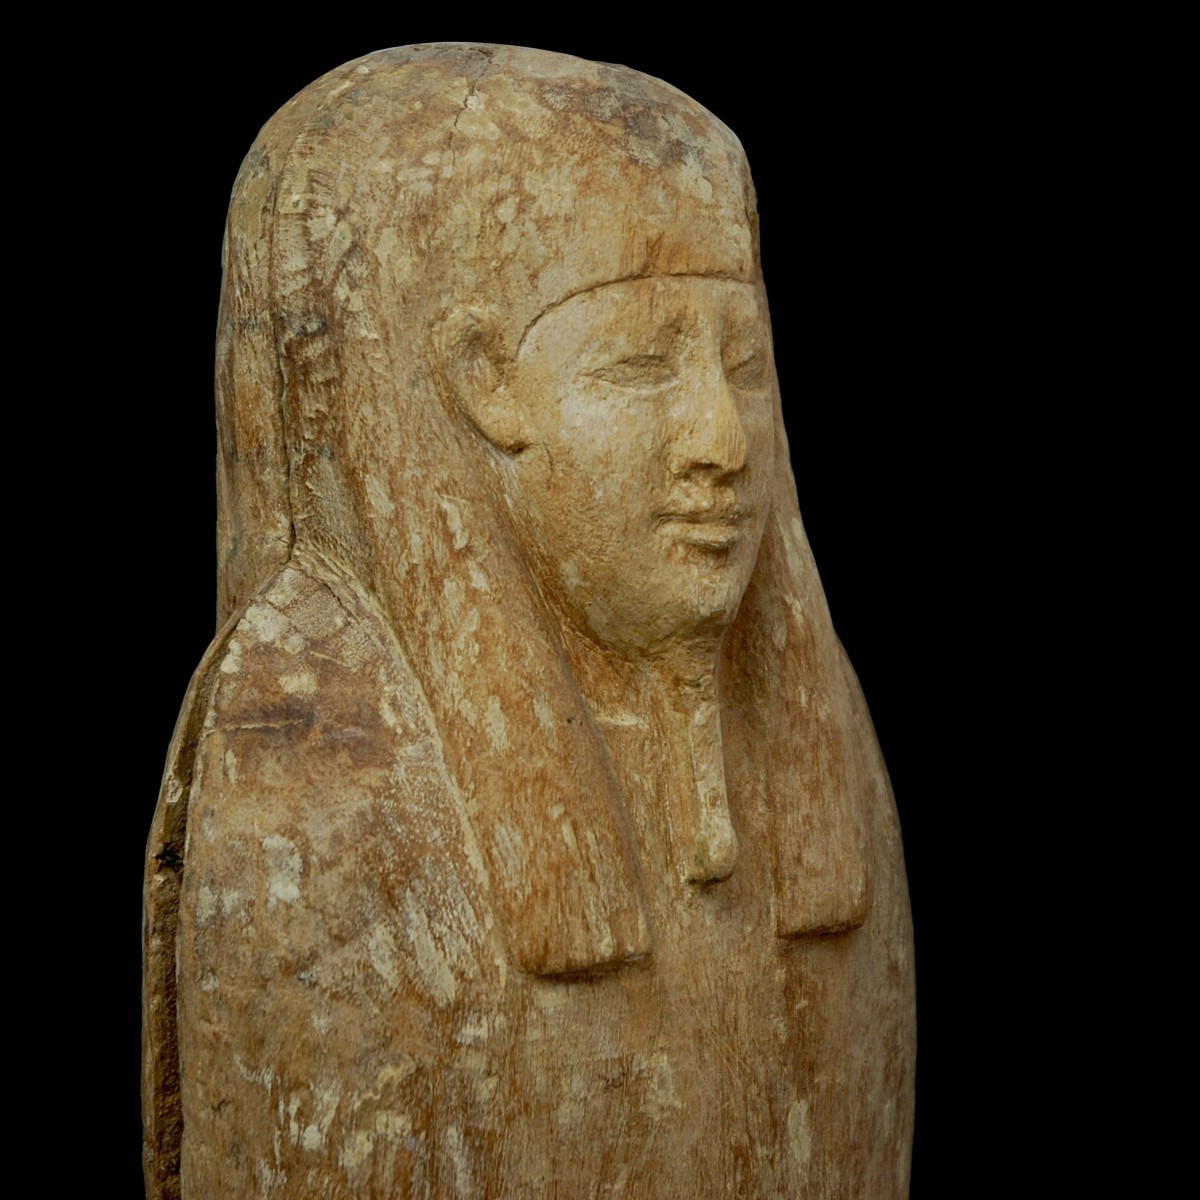 Ptah-Sokar-Osiris two parts face